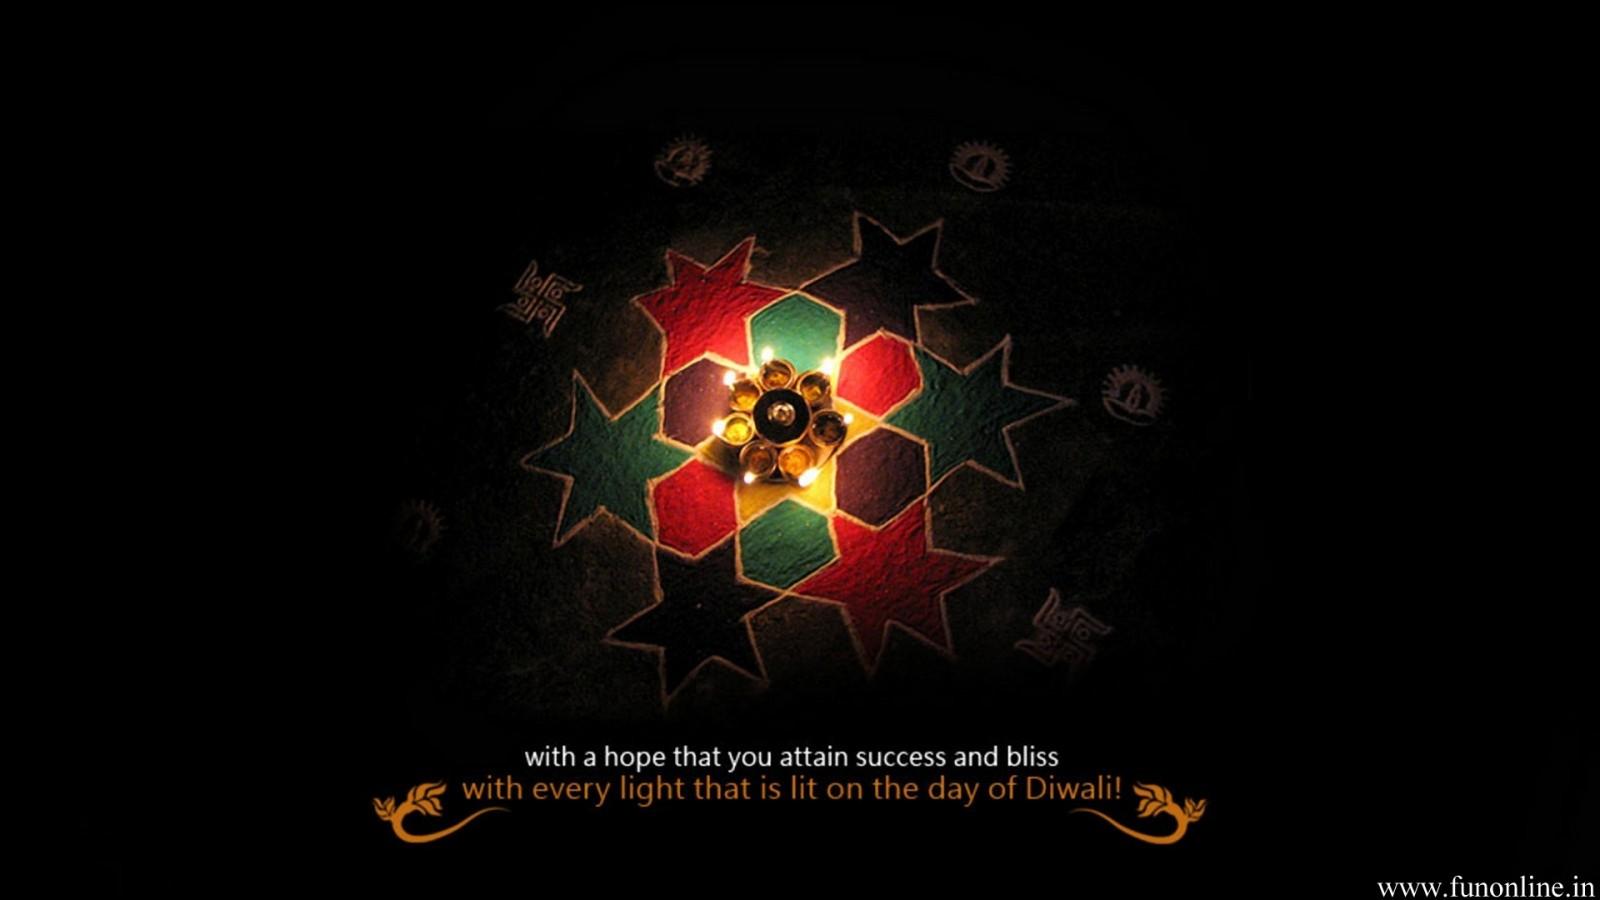 http://1.bp.blogspot.com/-OT10gtwQJZU/UJ0gtYXx4PI/AAAAAAAAHzw/sAbEm_lb6As/s1600/Happy+Diwali+Greetings+(18).jpg